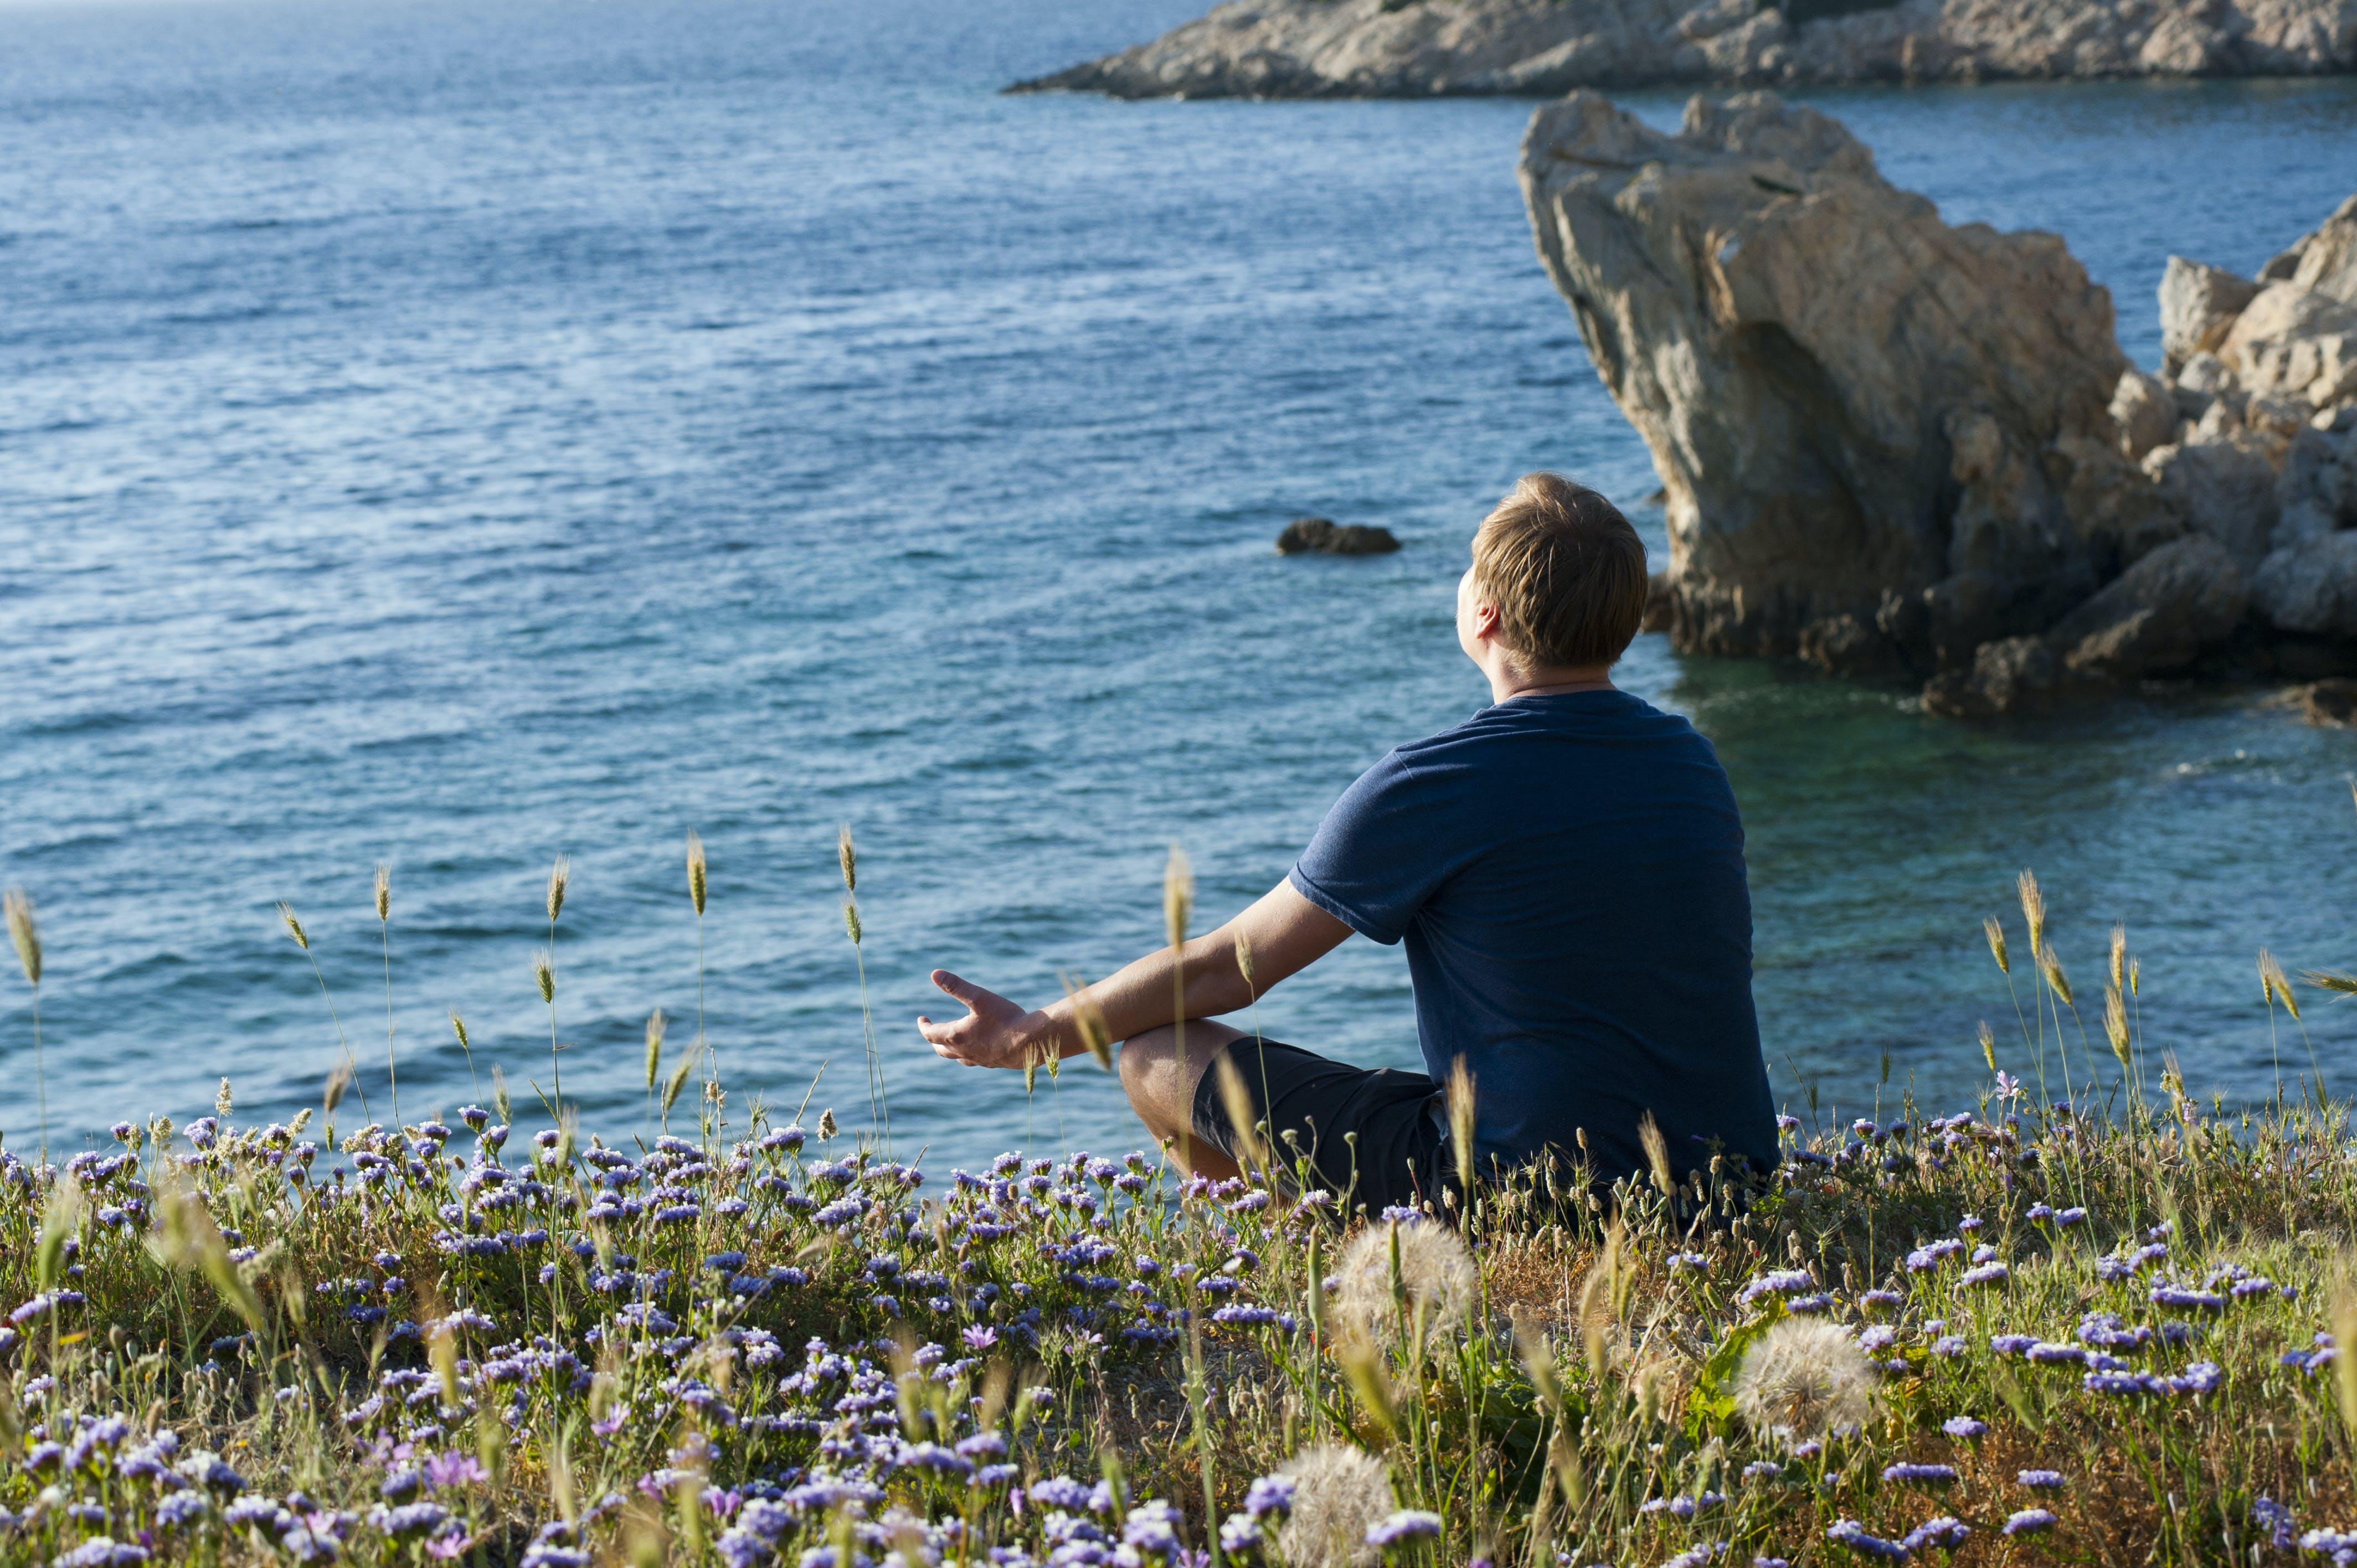 Man Sitting on Flower Fields Facing Ocean